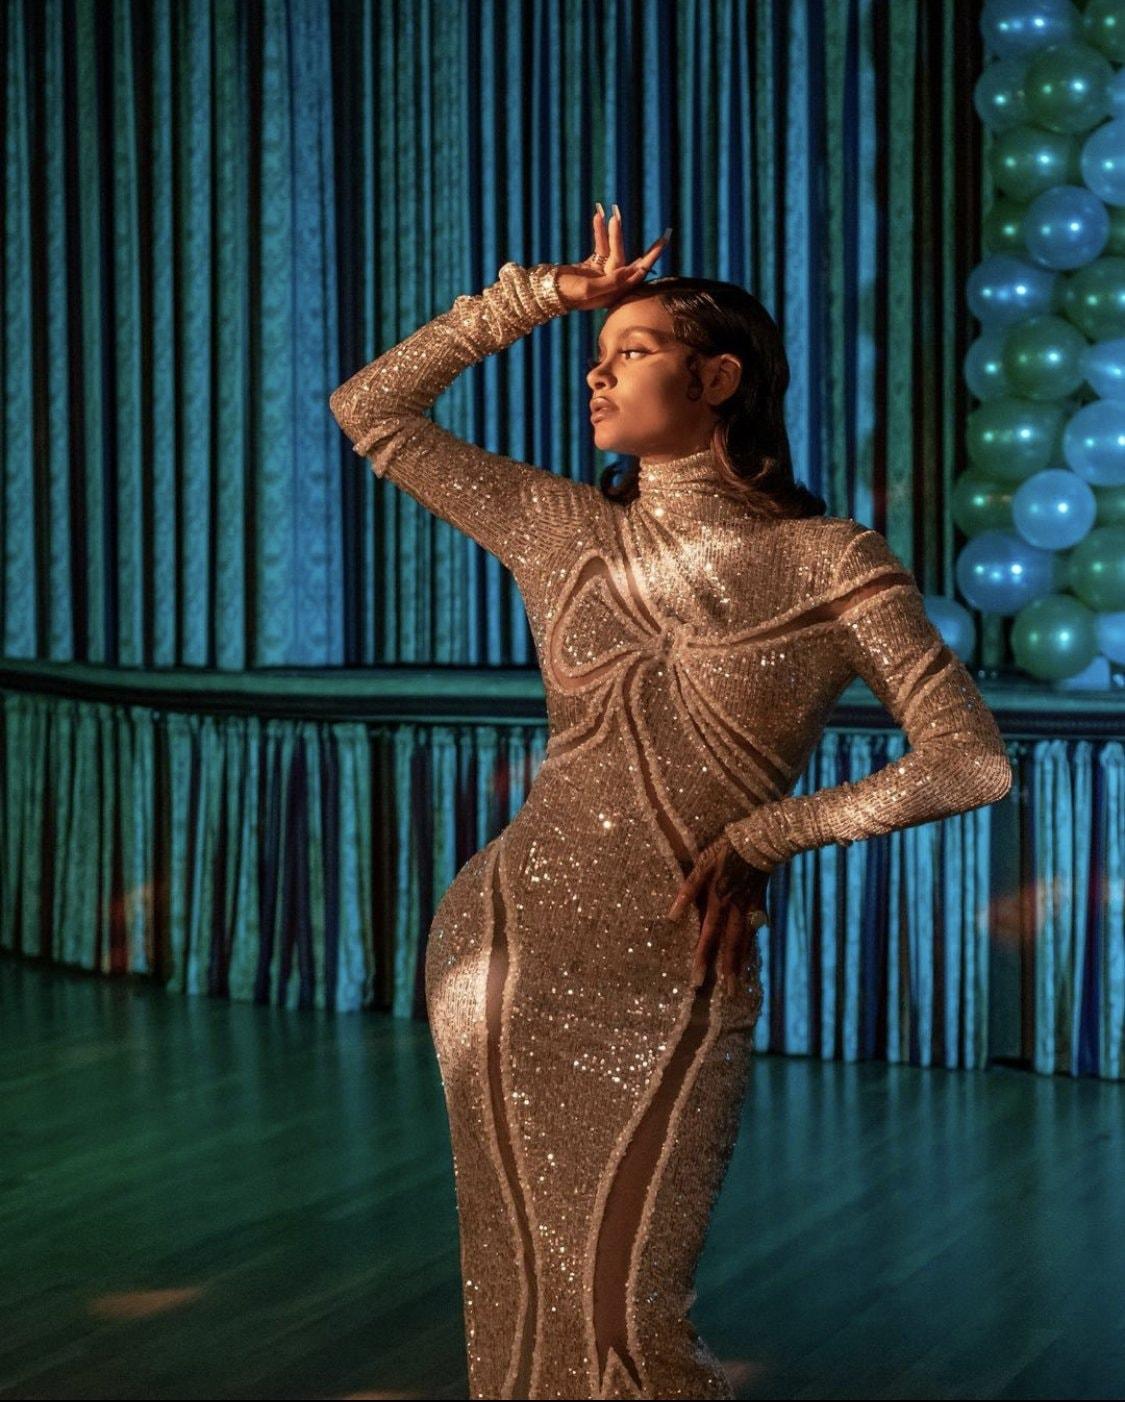 Nữ ca sĩ R&B Kehlani trong trang phục thương hiệu CONG TRI xuất hiện trên tạp chí Playboy